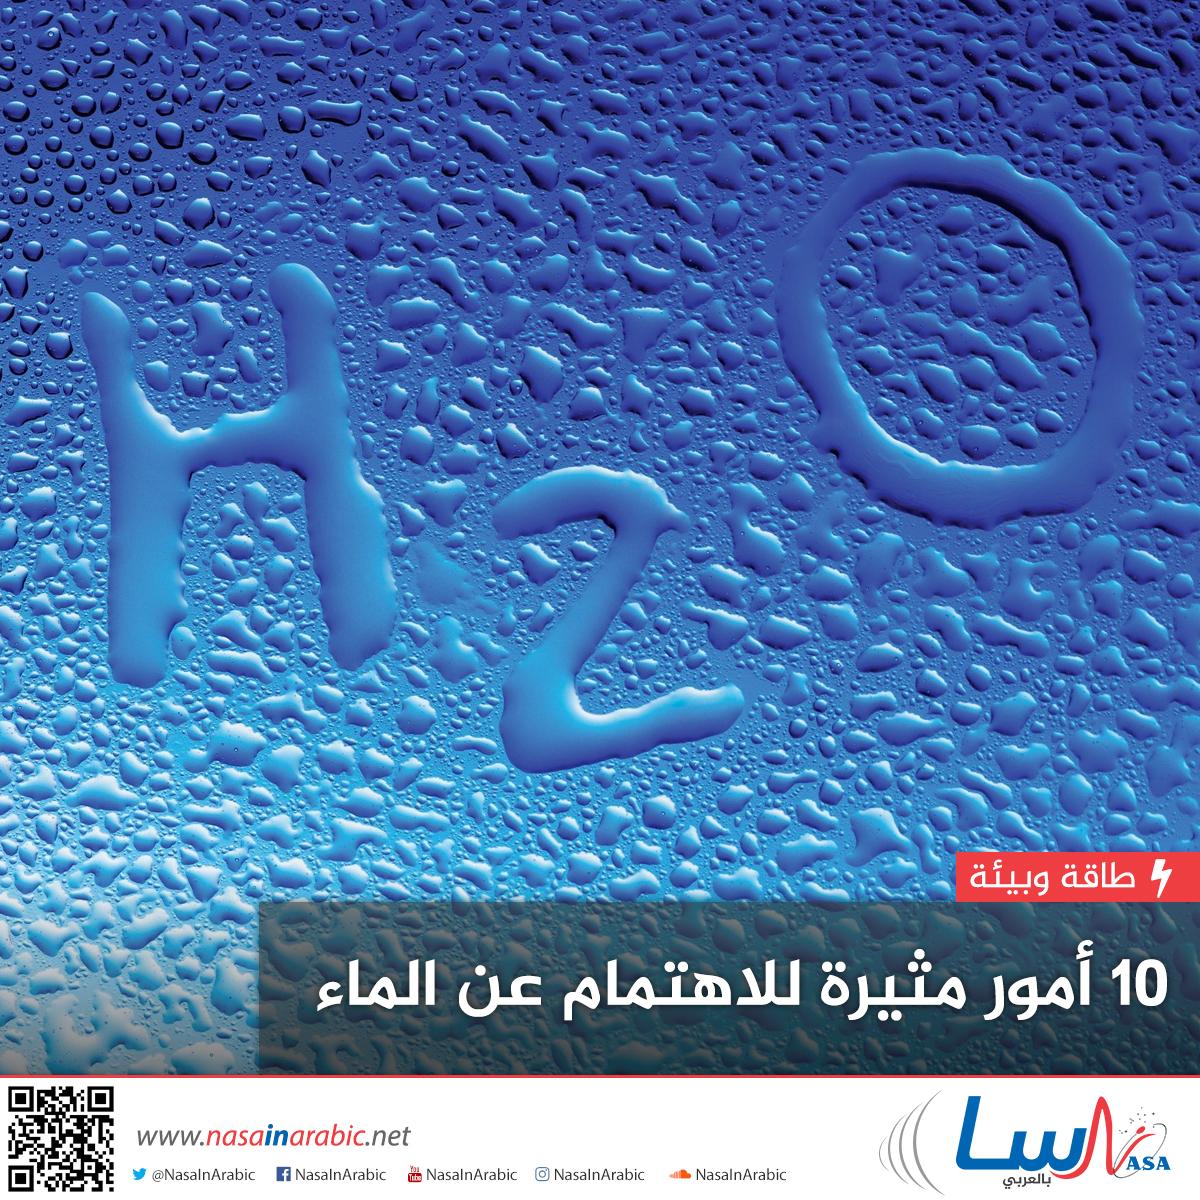 10 أمور مثيرة للاهتمام عن الماء